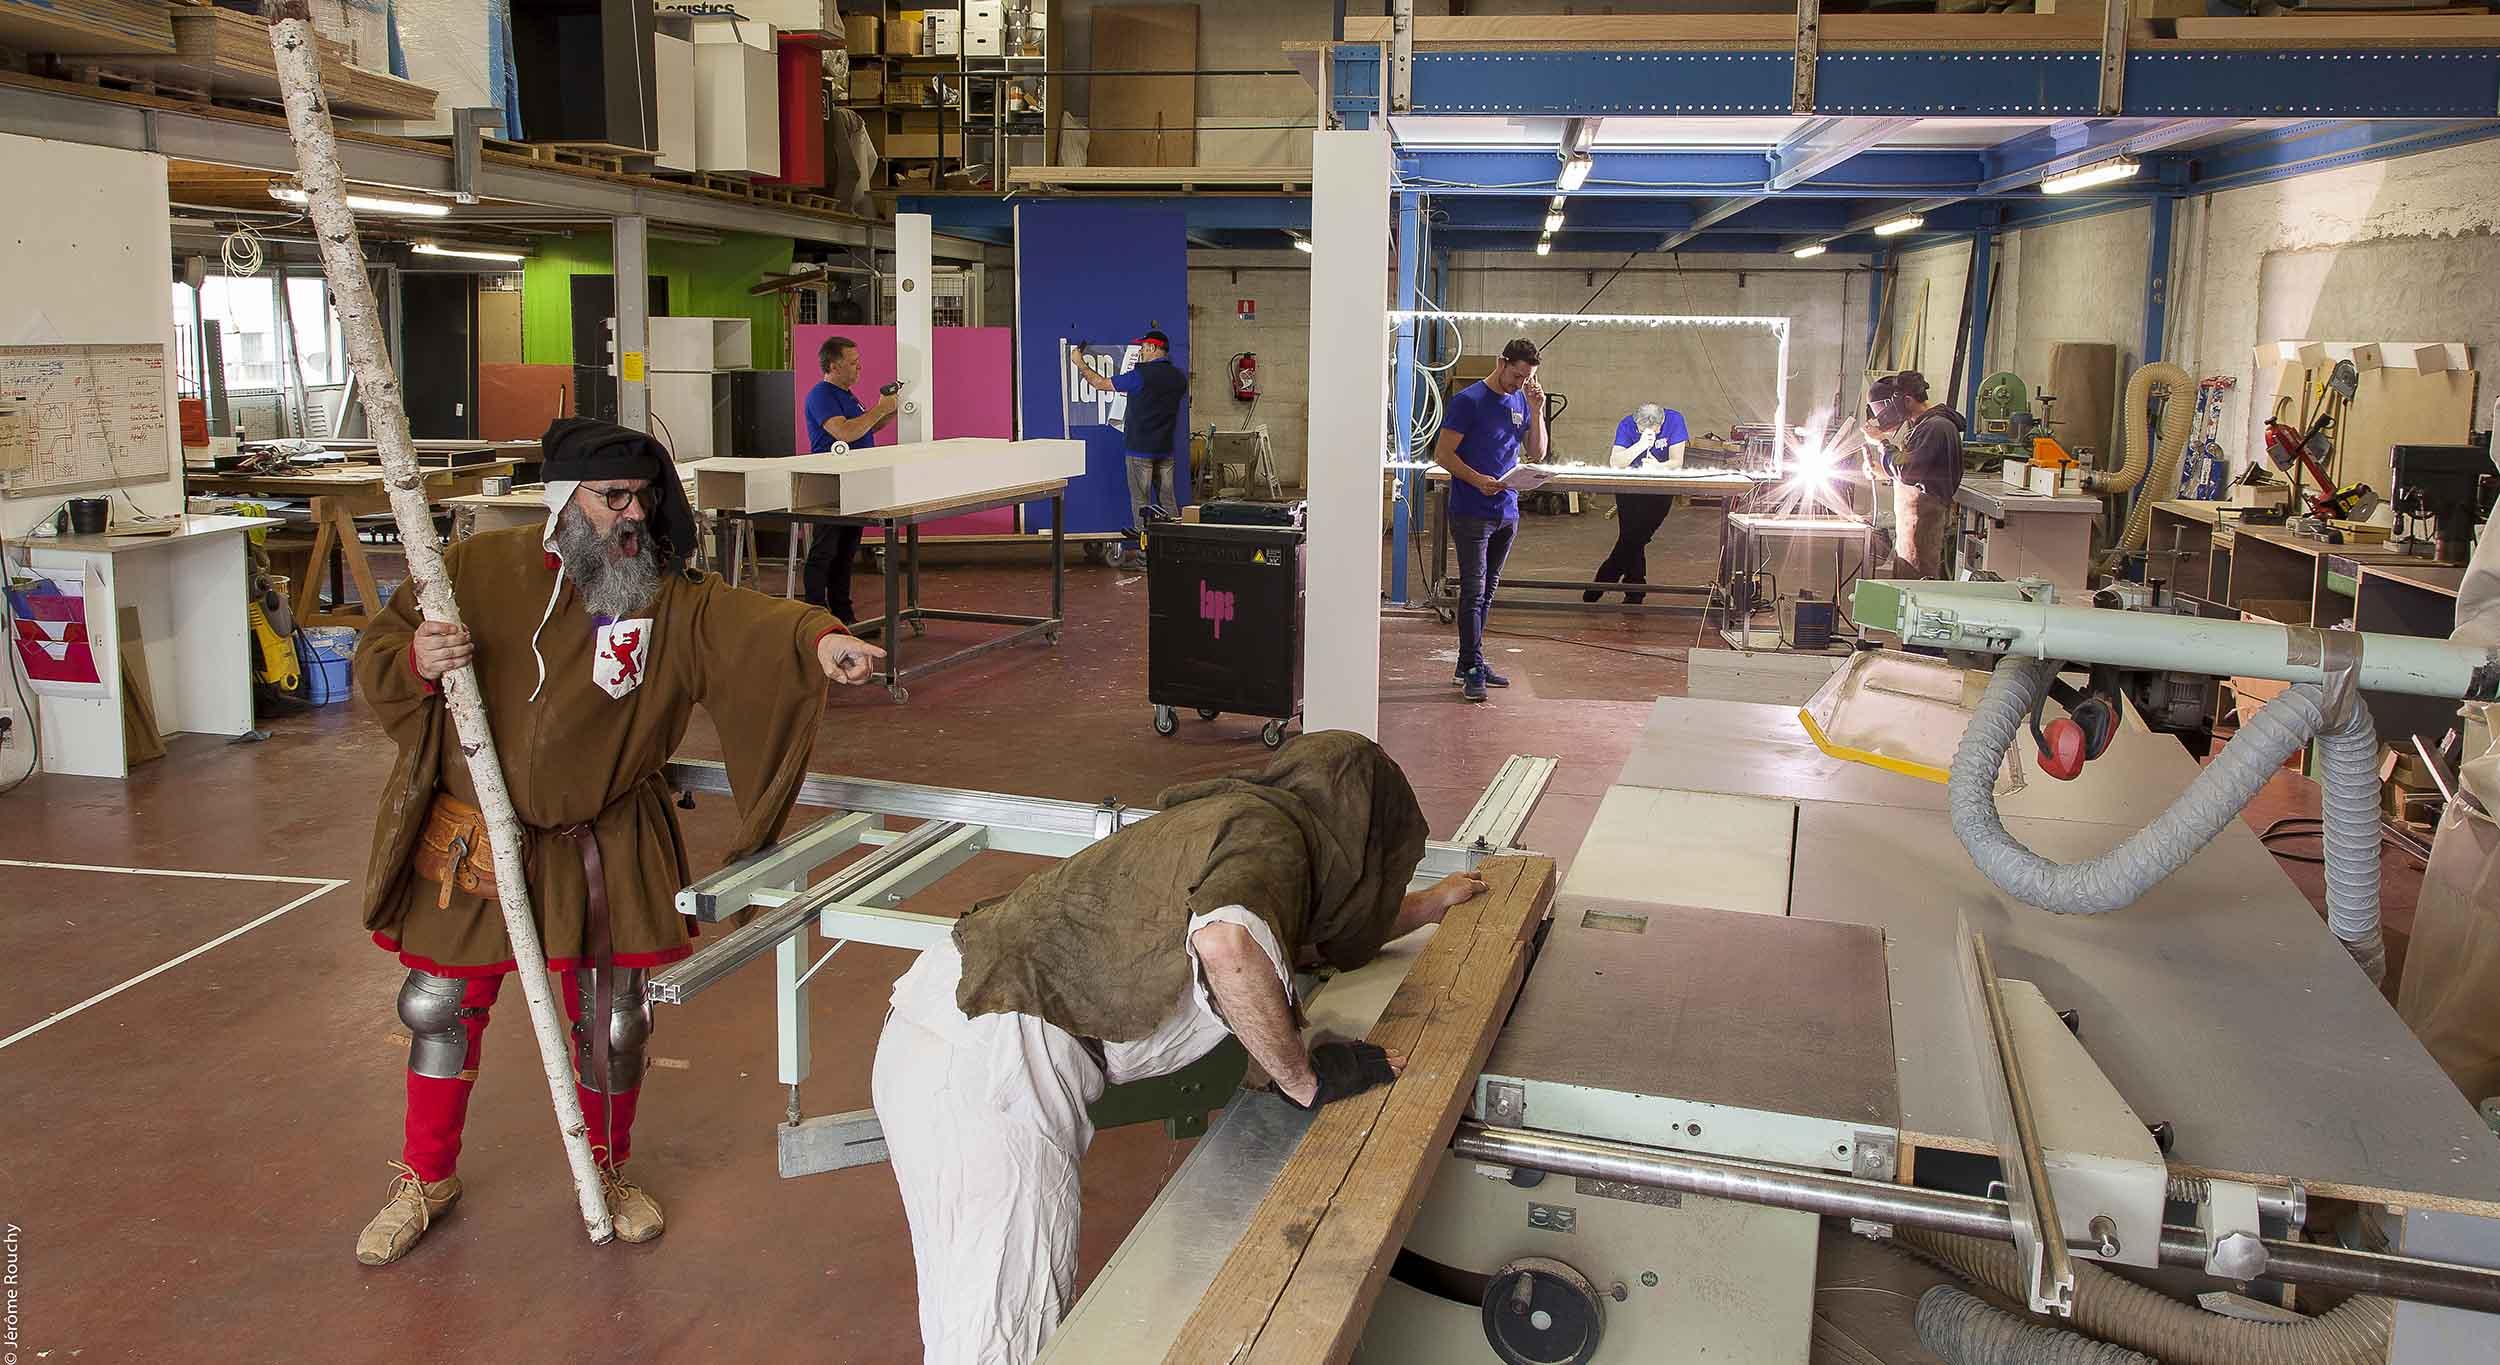 Laps-evenements-atelier-de-fabrication-Eurexpo-Lyon